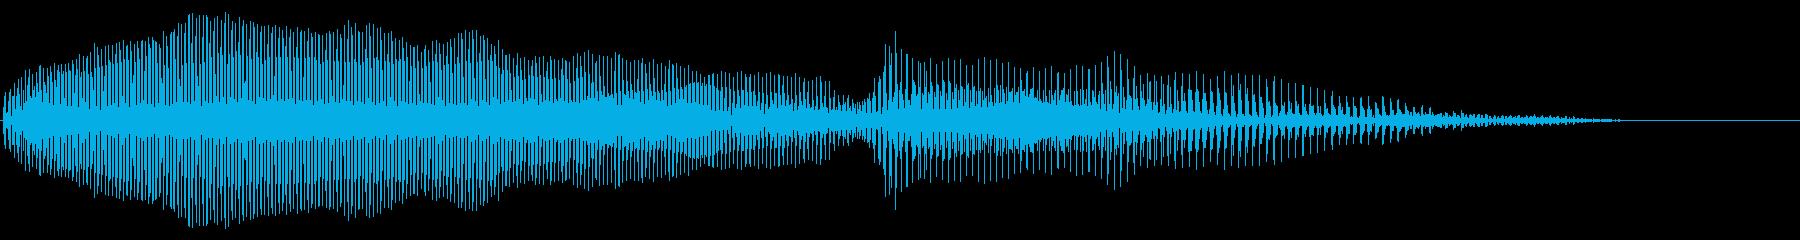 失敗 不正解 トランペットの再生済みの波形